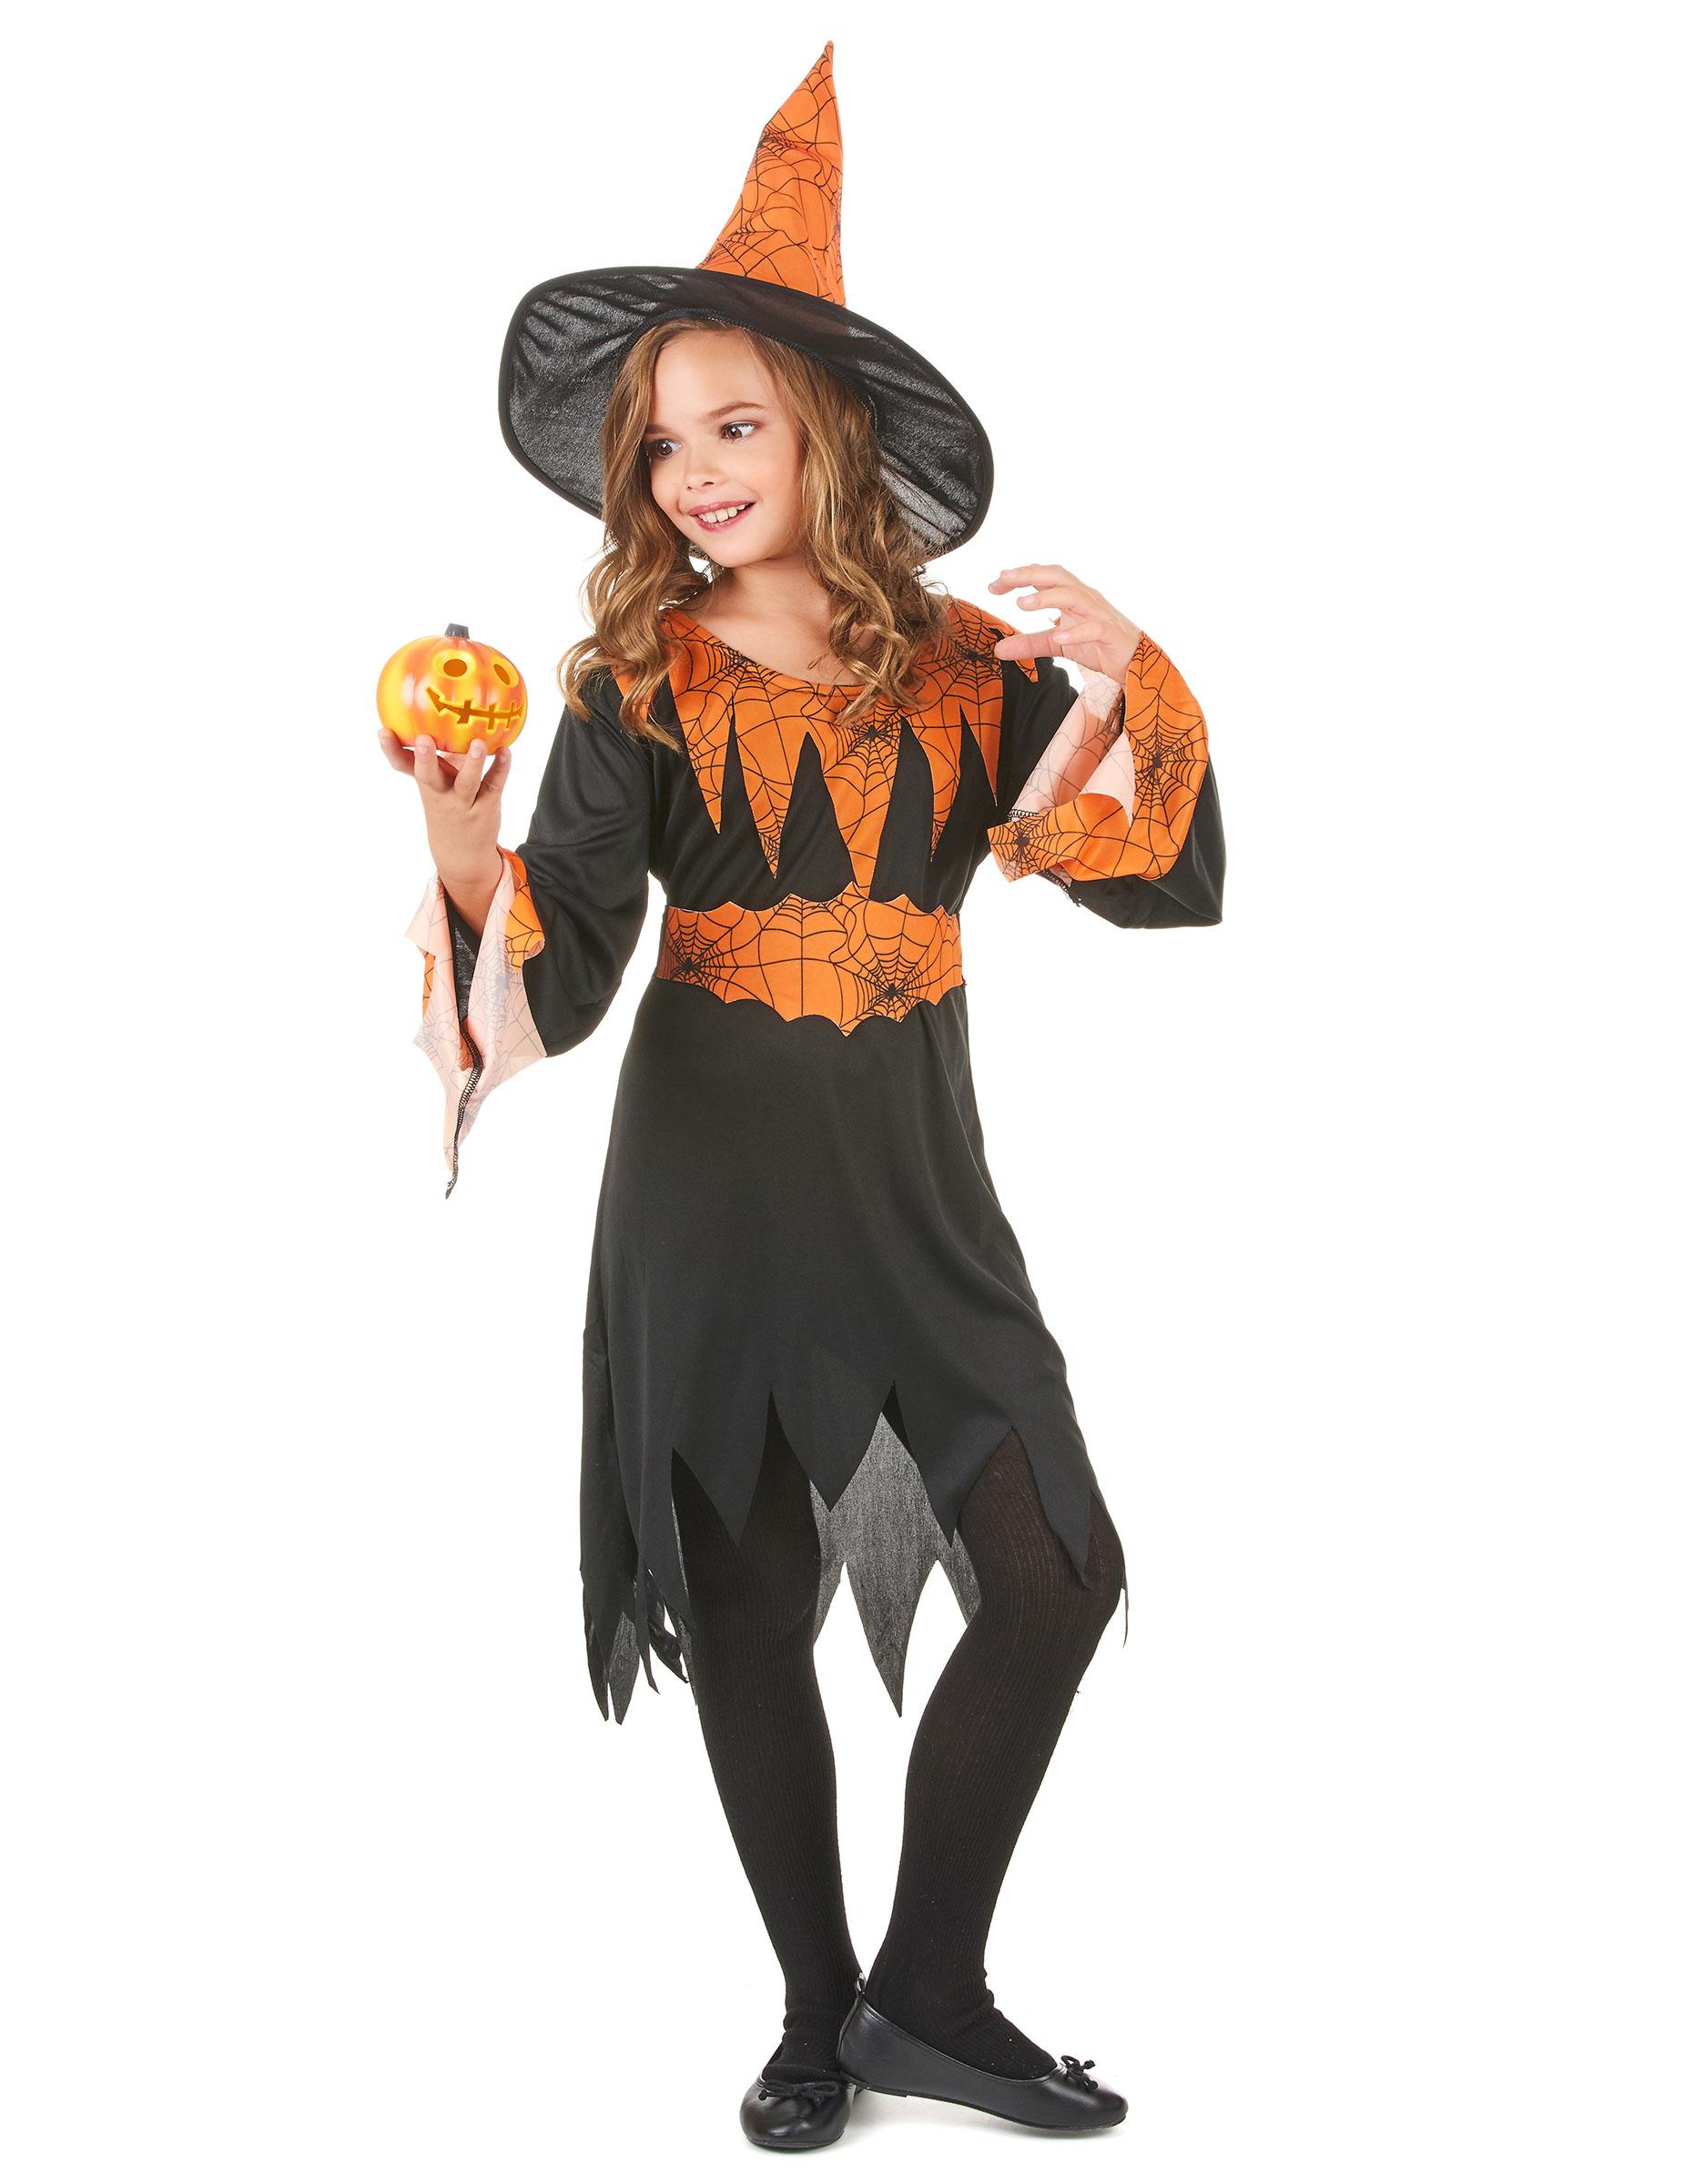 Costume da strega nero e arancione bambina Halloween-1 18f4c1bfb1d3